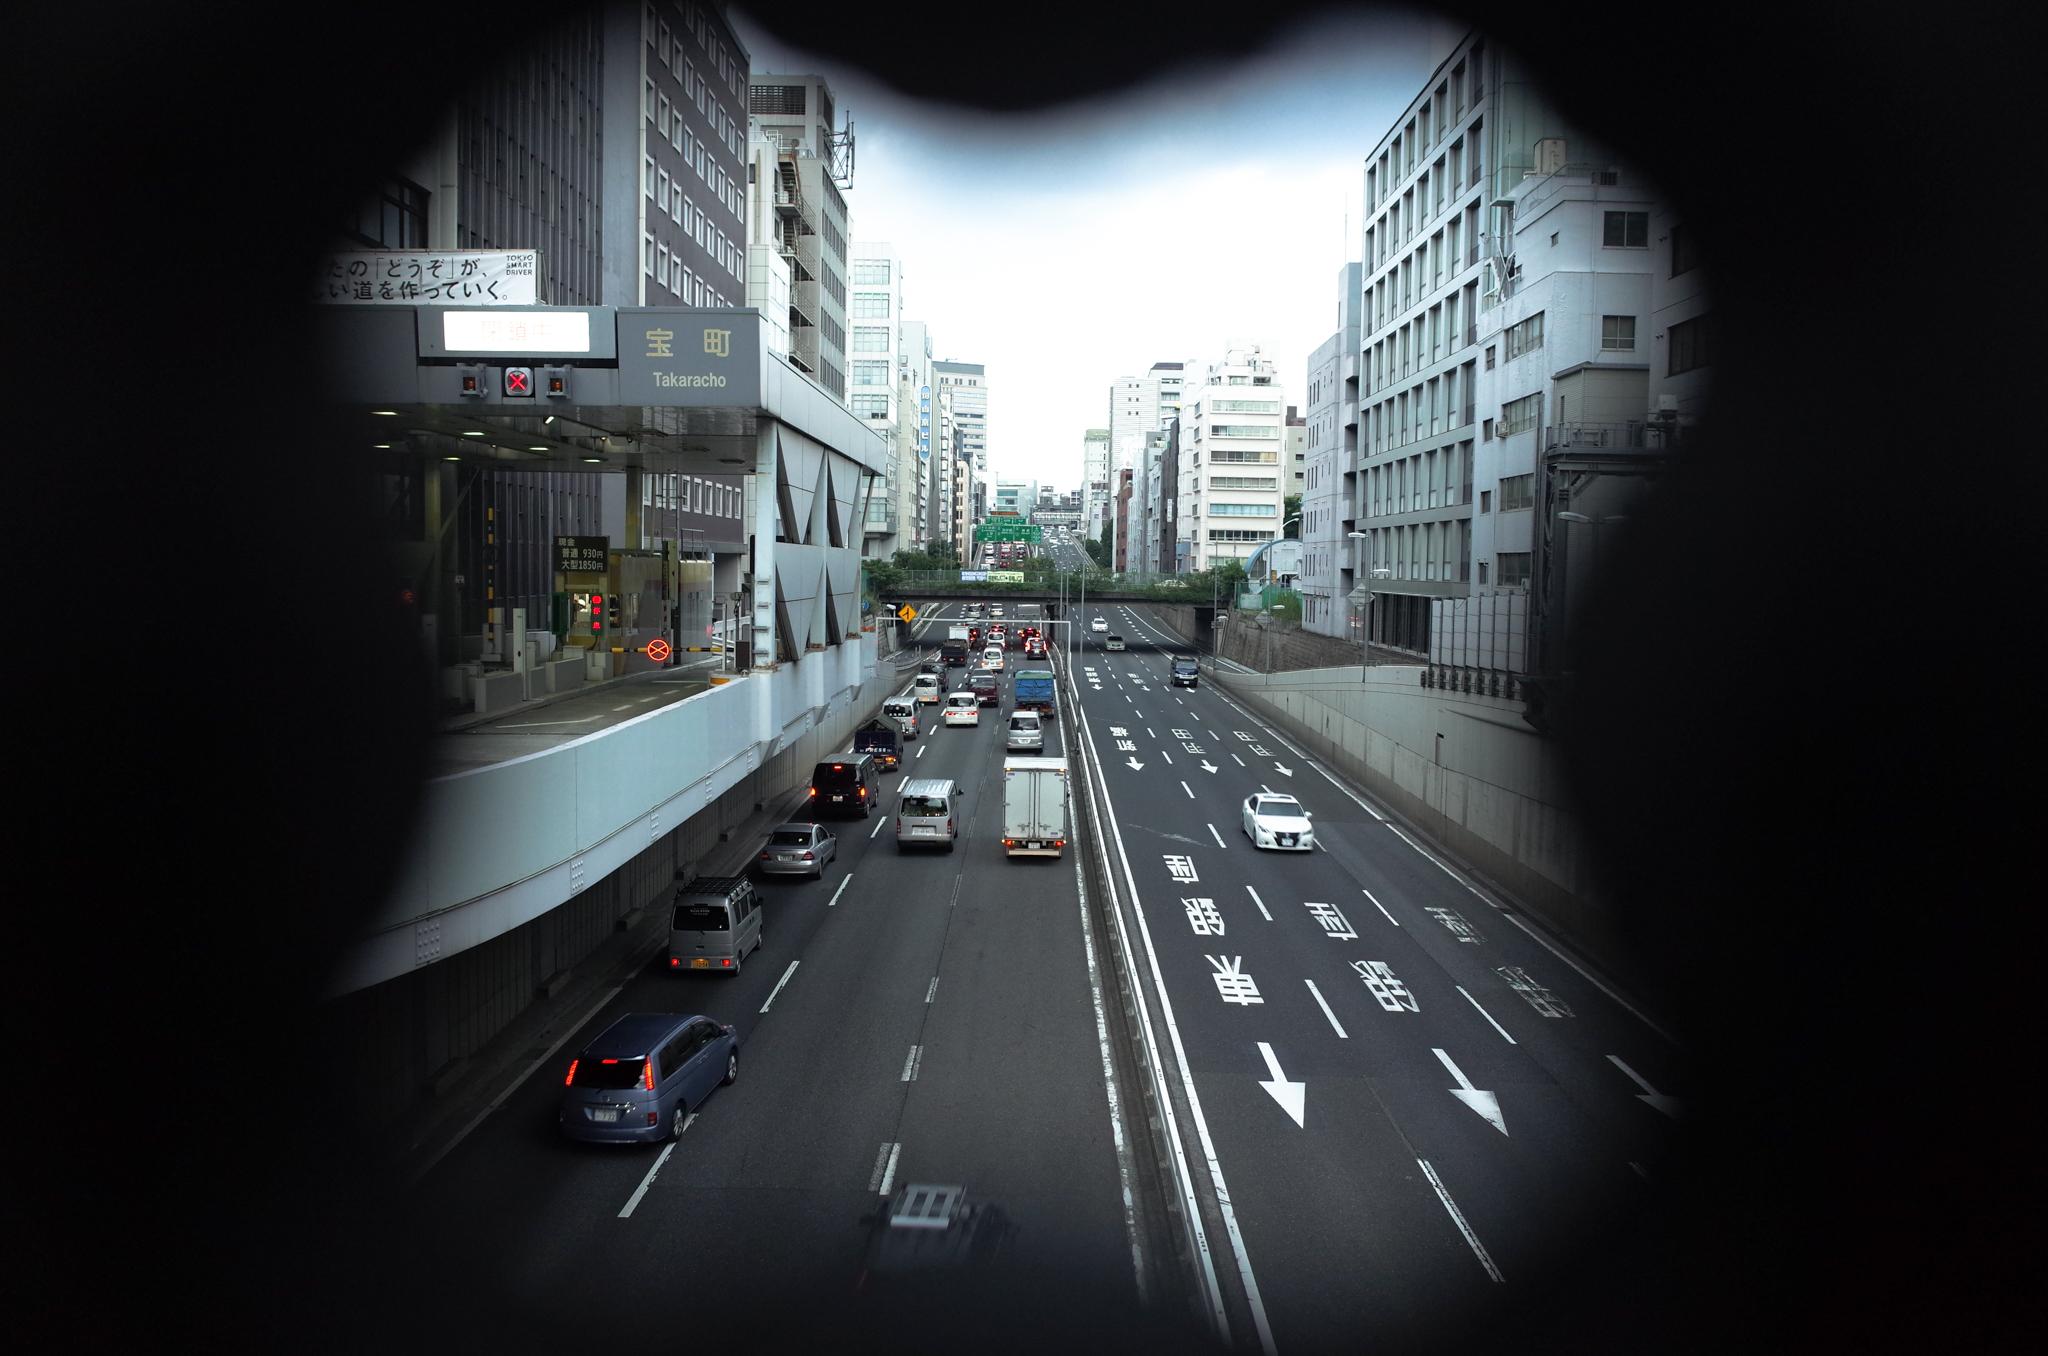 日本橋に近づいたところで高架になってきた